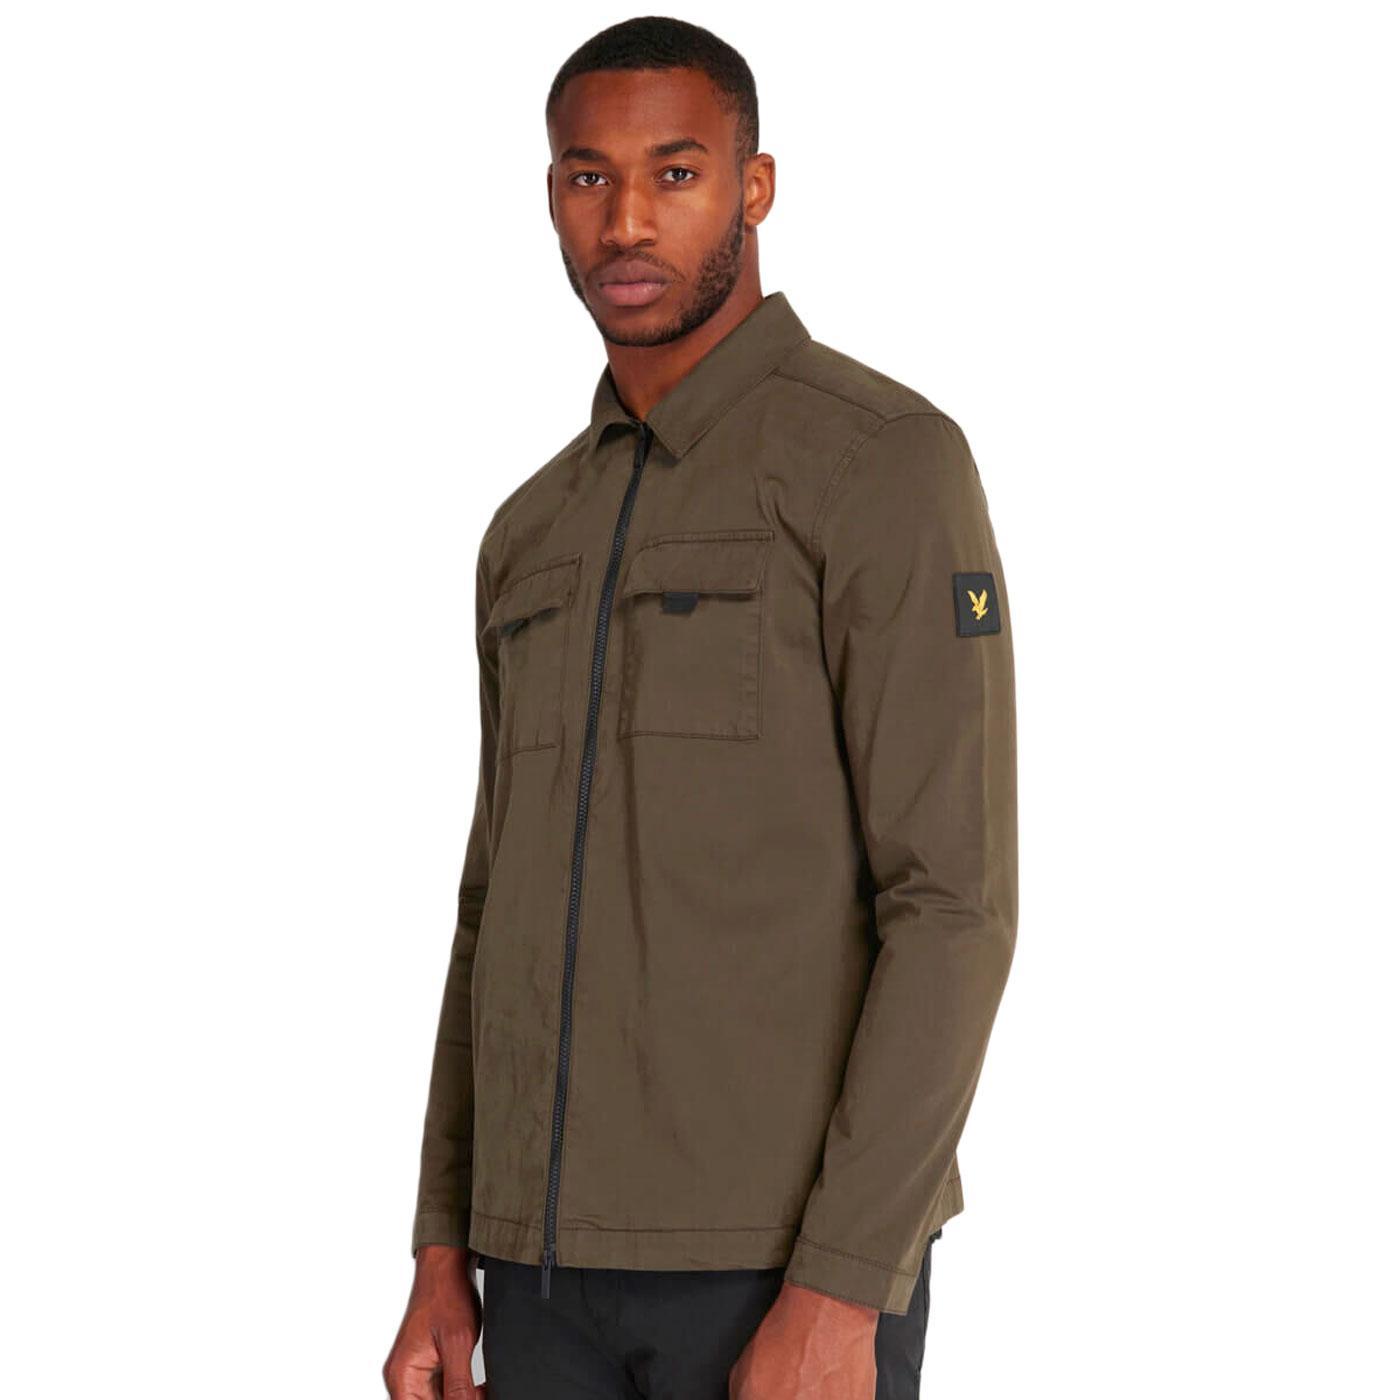 LYLE & SCOTT Mod Casuals Zip Green Army Overshirt